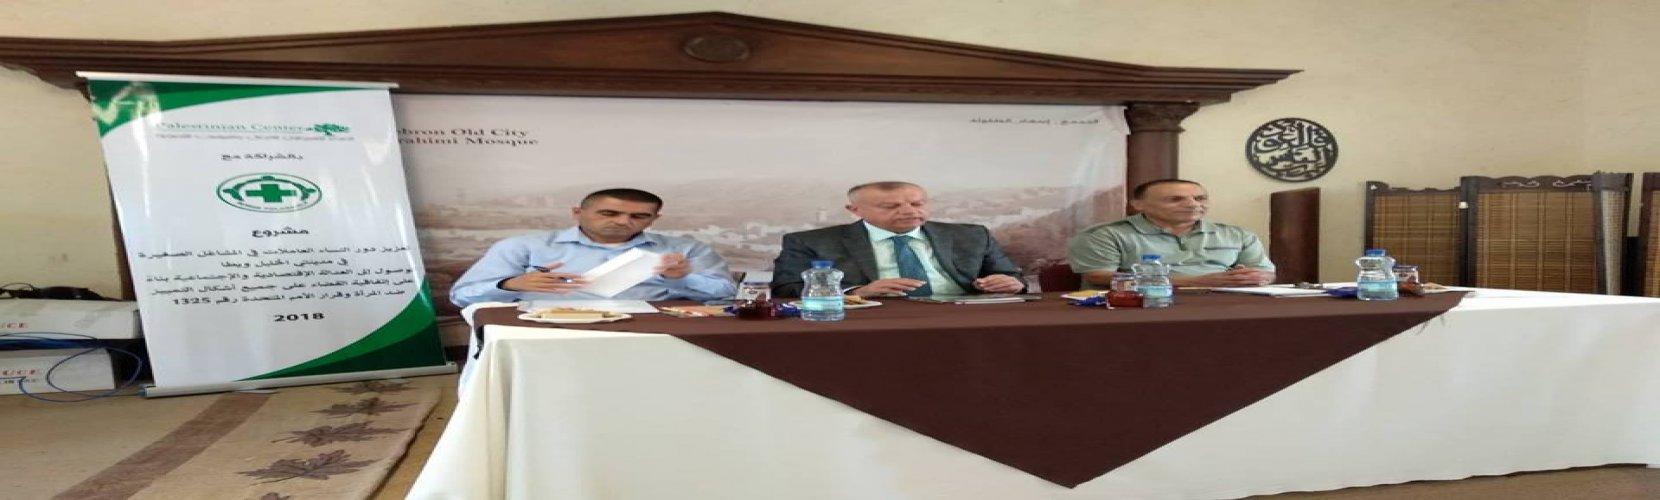 المركز الفلسطيني للاتصال والسياسات التنموية